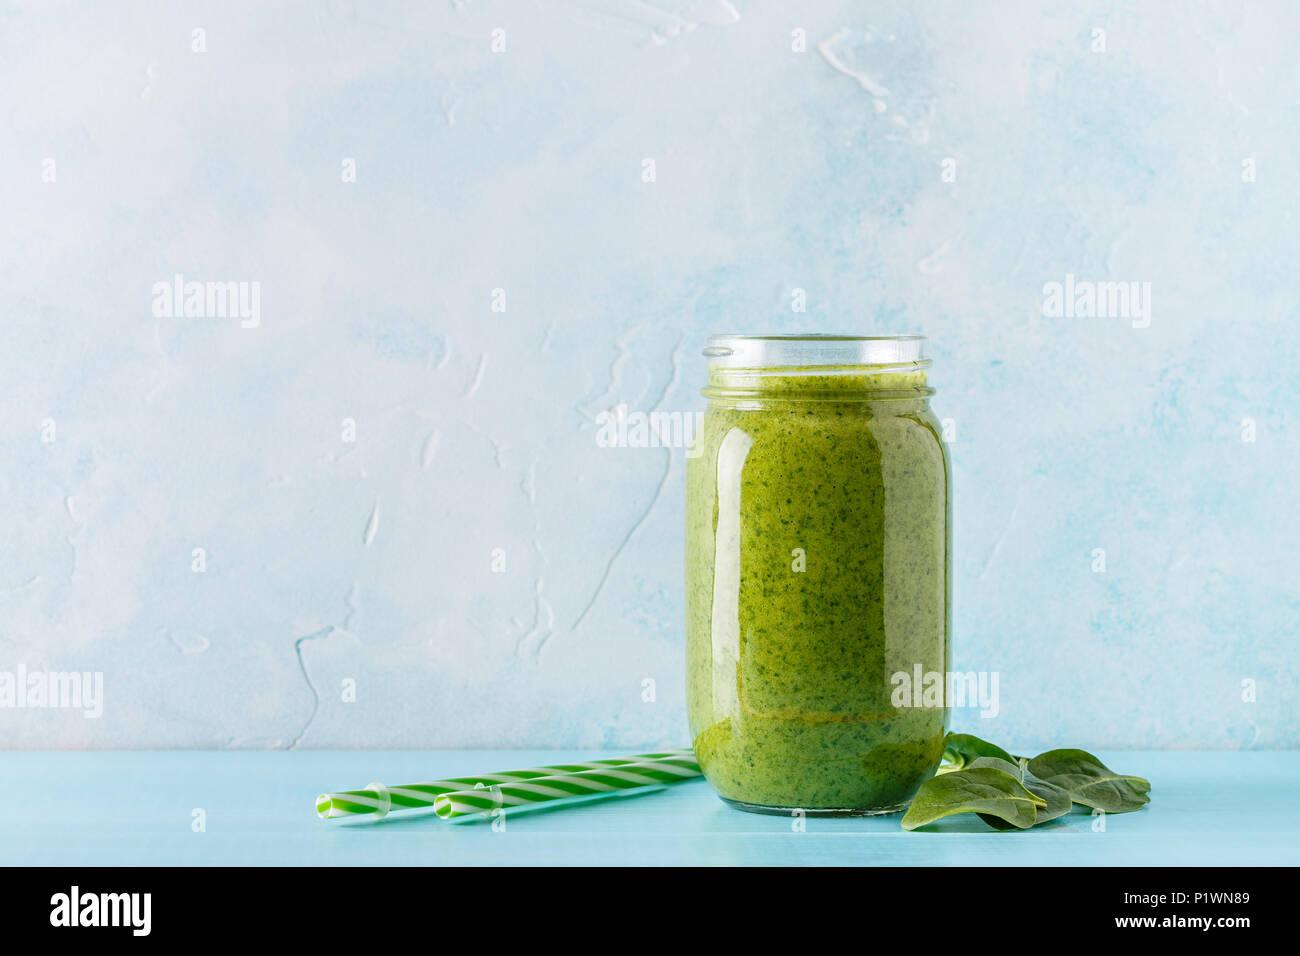 Grüne Smoothies/Saft in einem Glas auf einem blauen Hintergrund. Stockbild